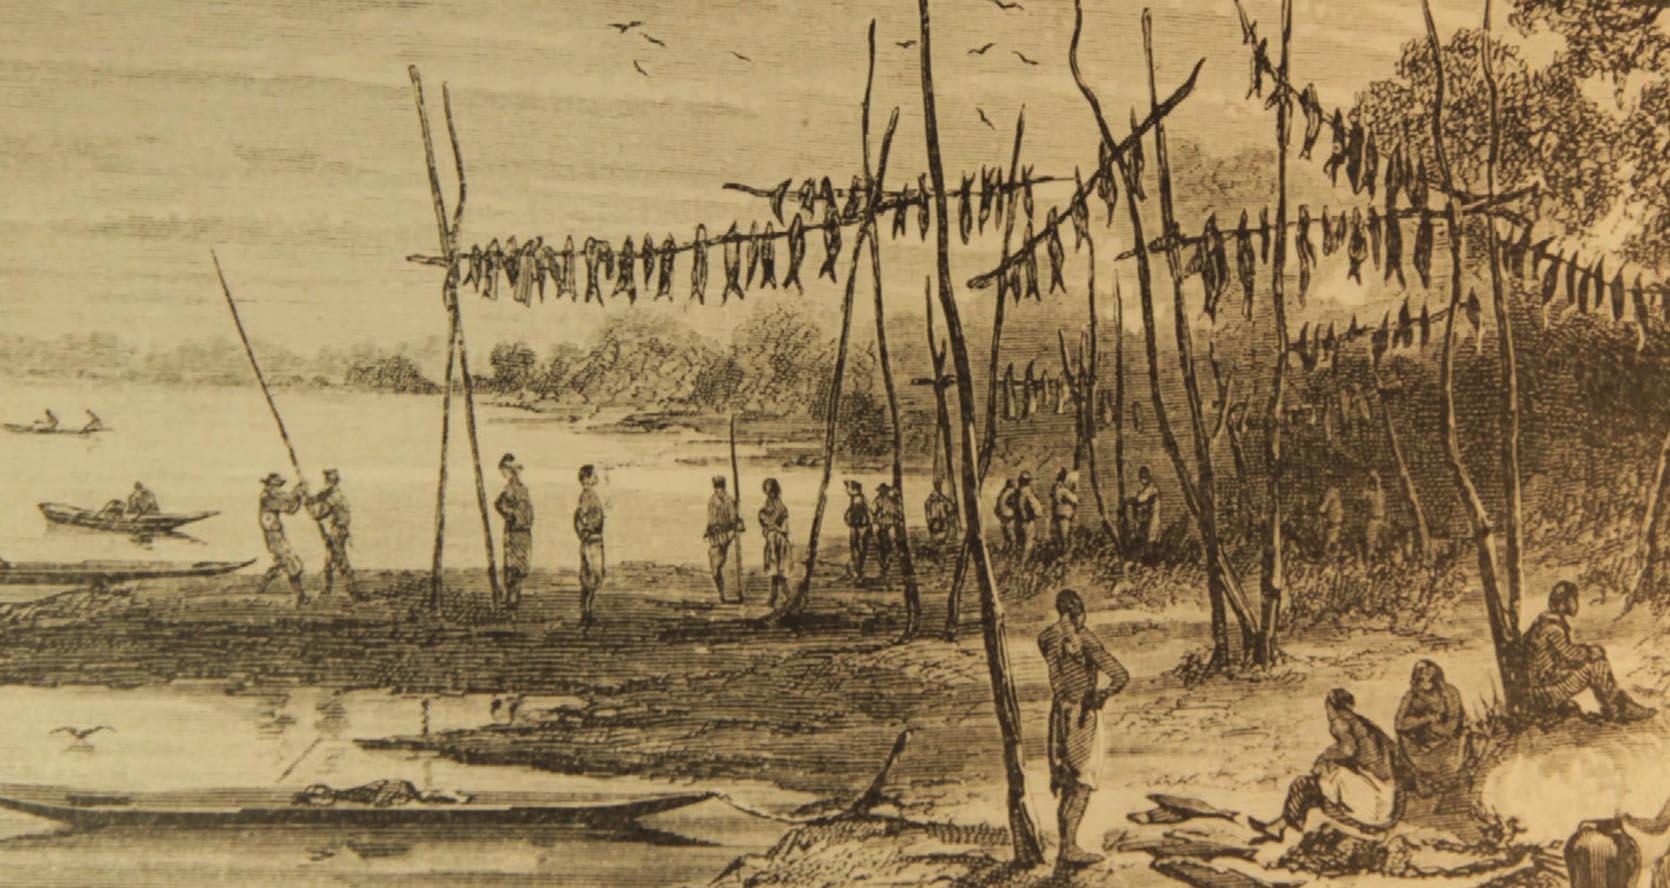 Delenda Amazônia